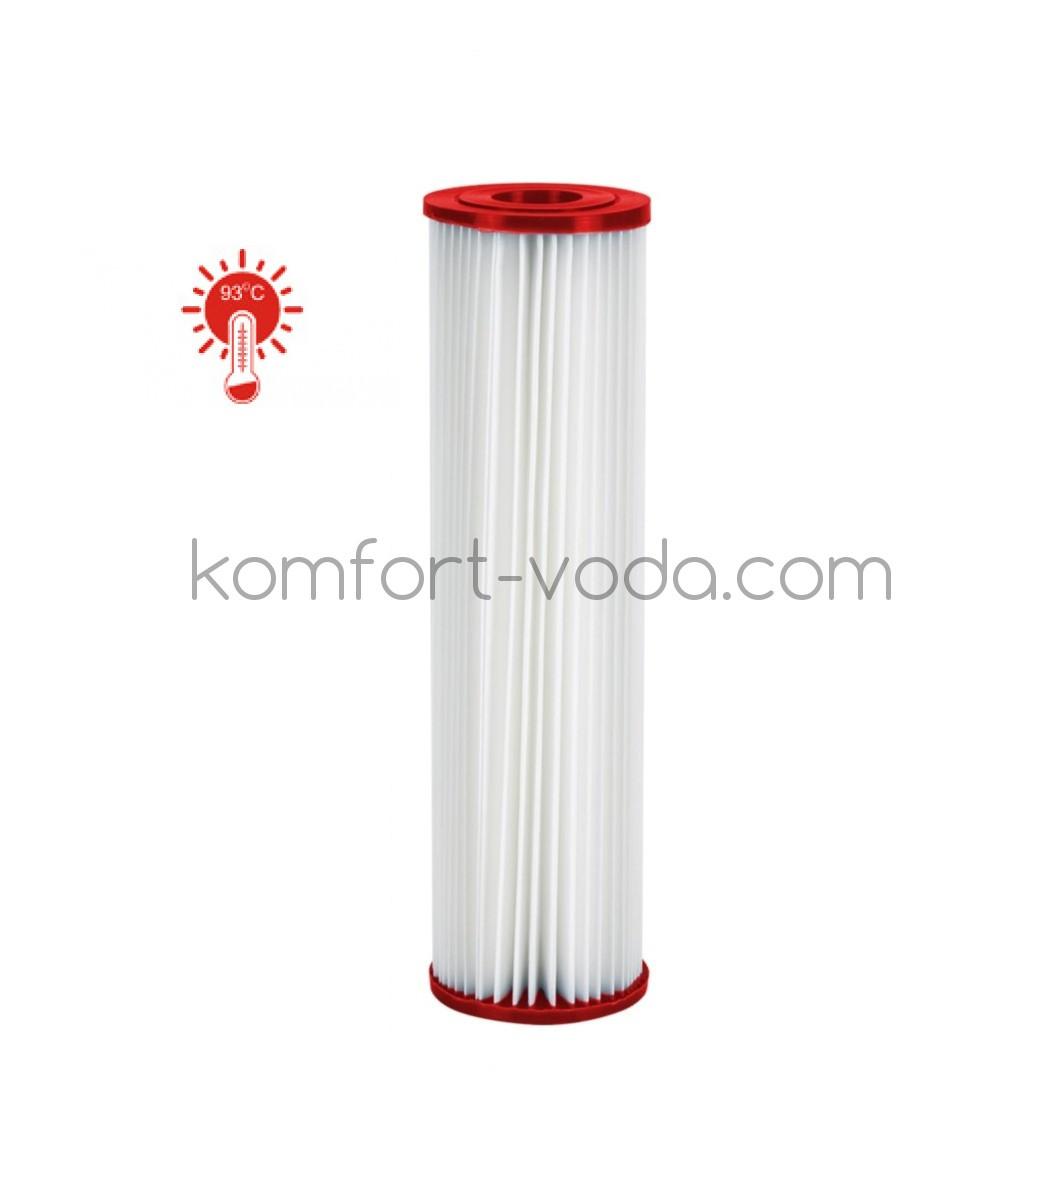 """Картридж для горячей воды Aquafilter FCHOT3, 10"""""""